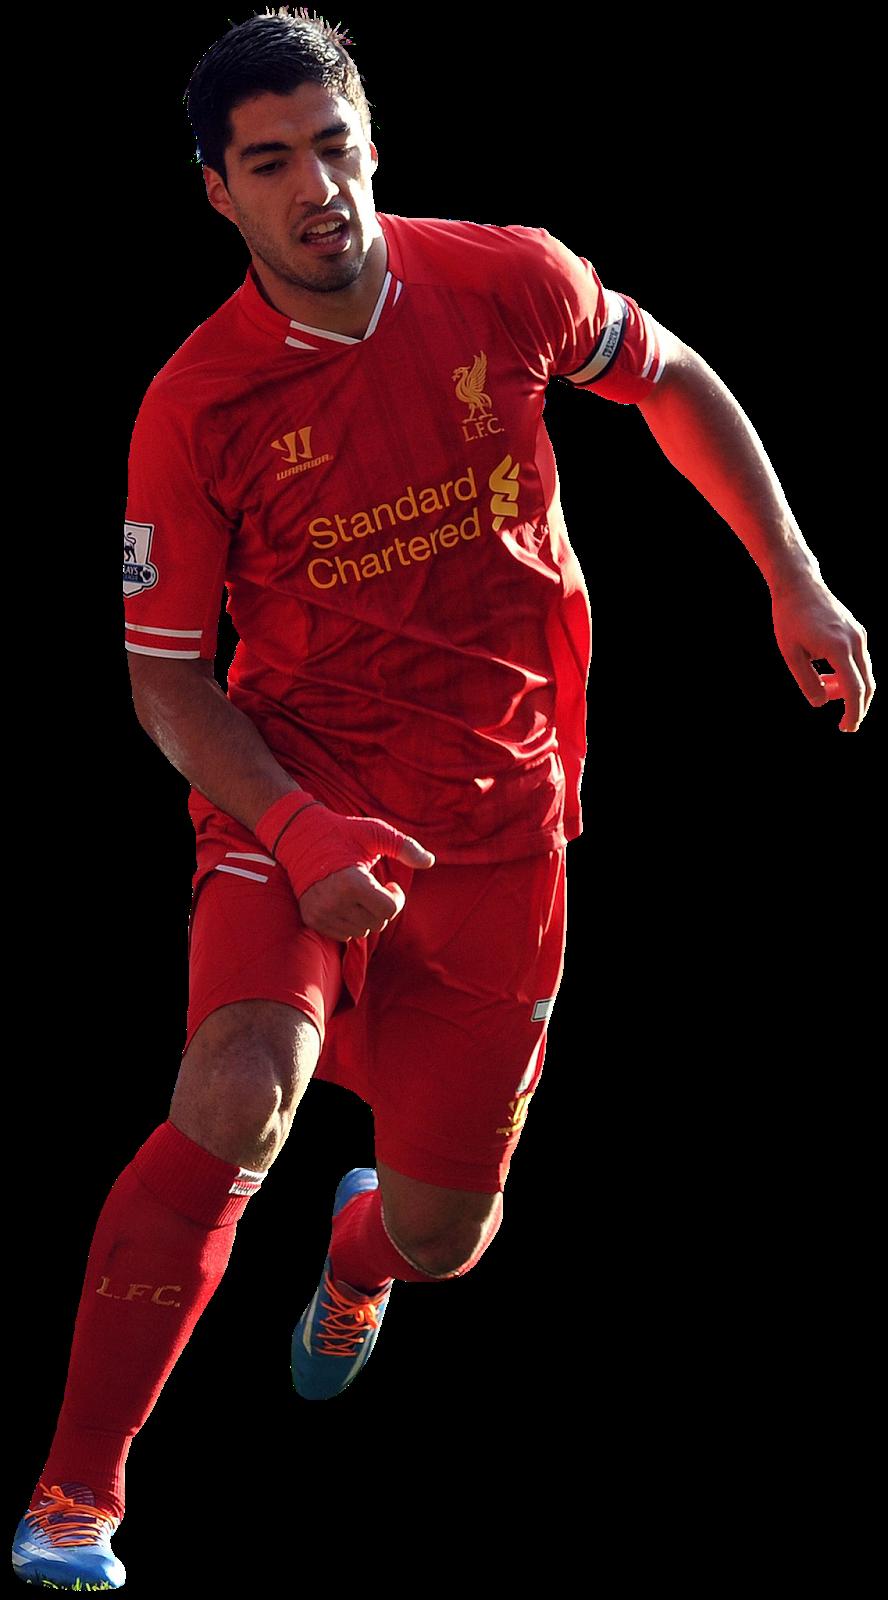 677608e35 Luis Suarez of Liverpool FC